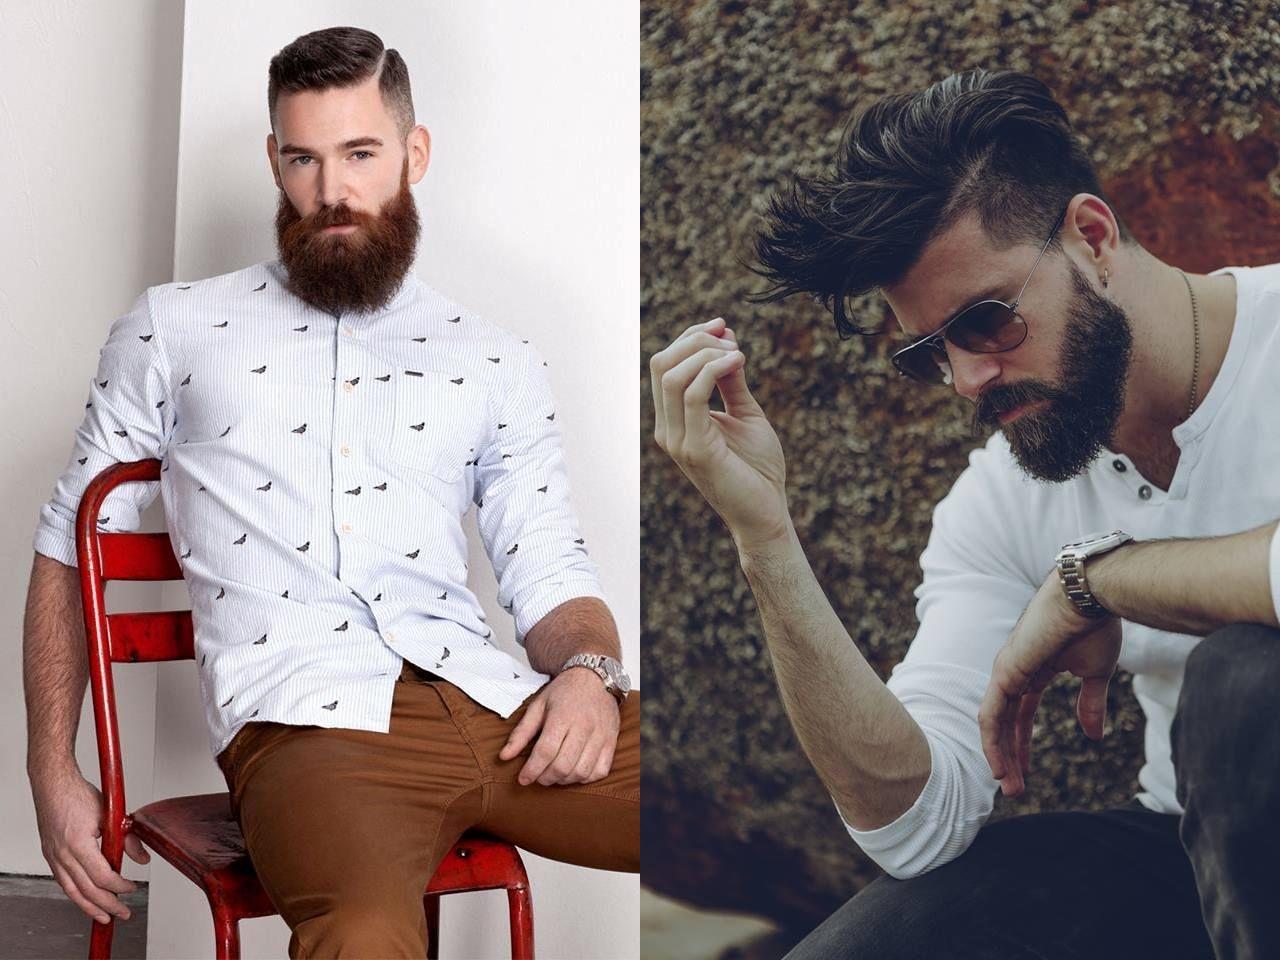 corte masculino, corte de barbeiro, barbeiro, hair 2015, cortes 2015, penteado masculino, alex cursino, moda sem censura, fashion blogger, blog de moda, moda, fashion tips, beauty tips, 4